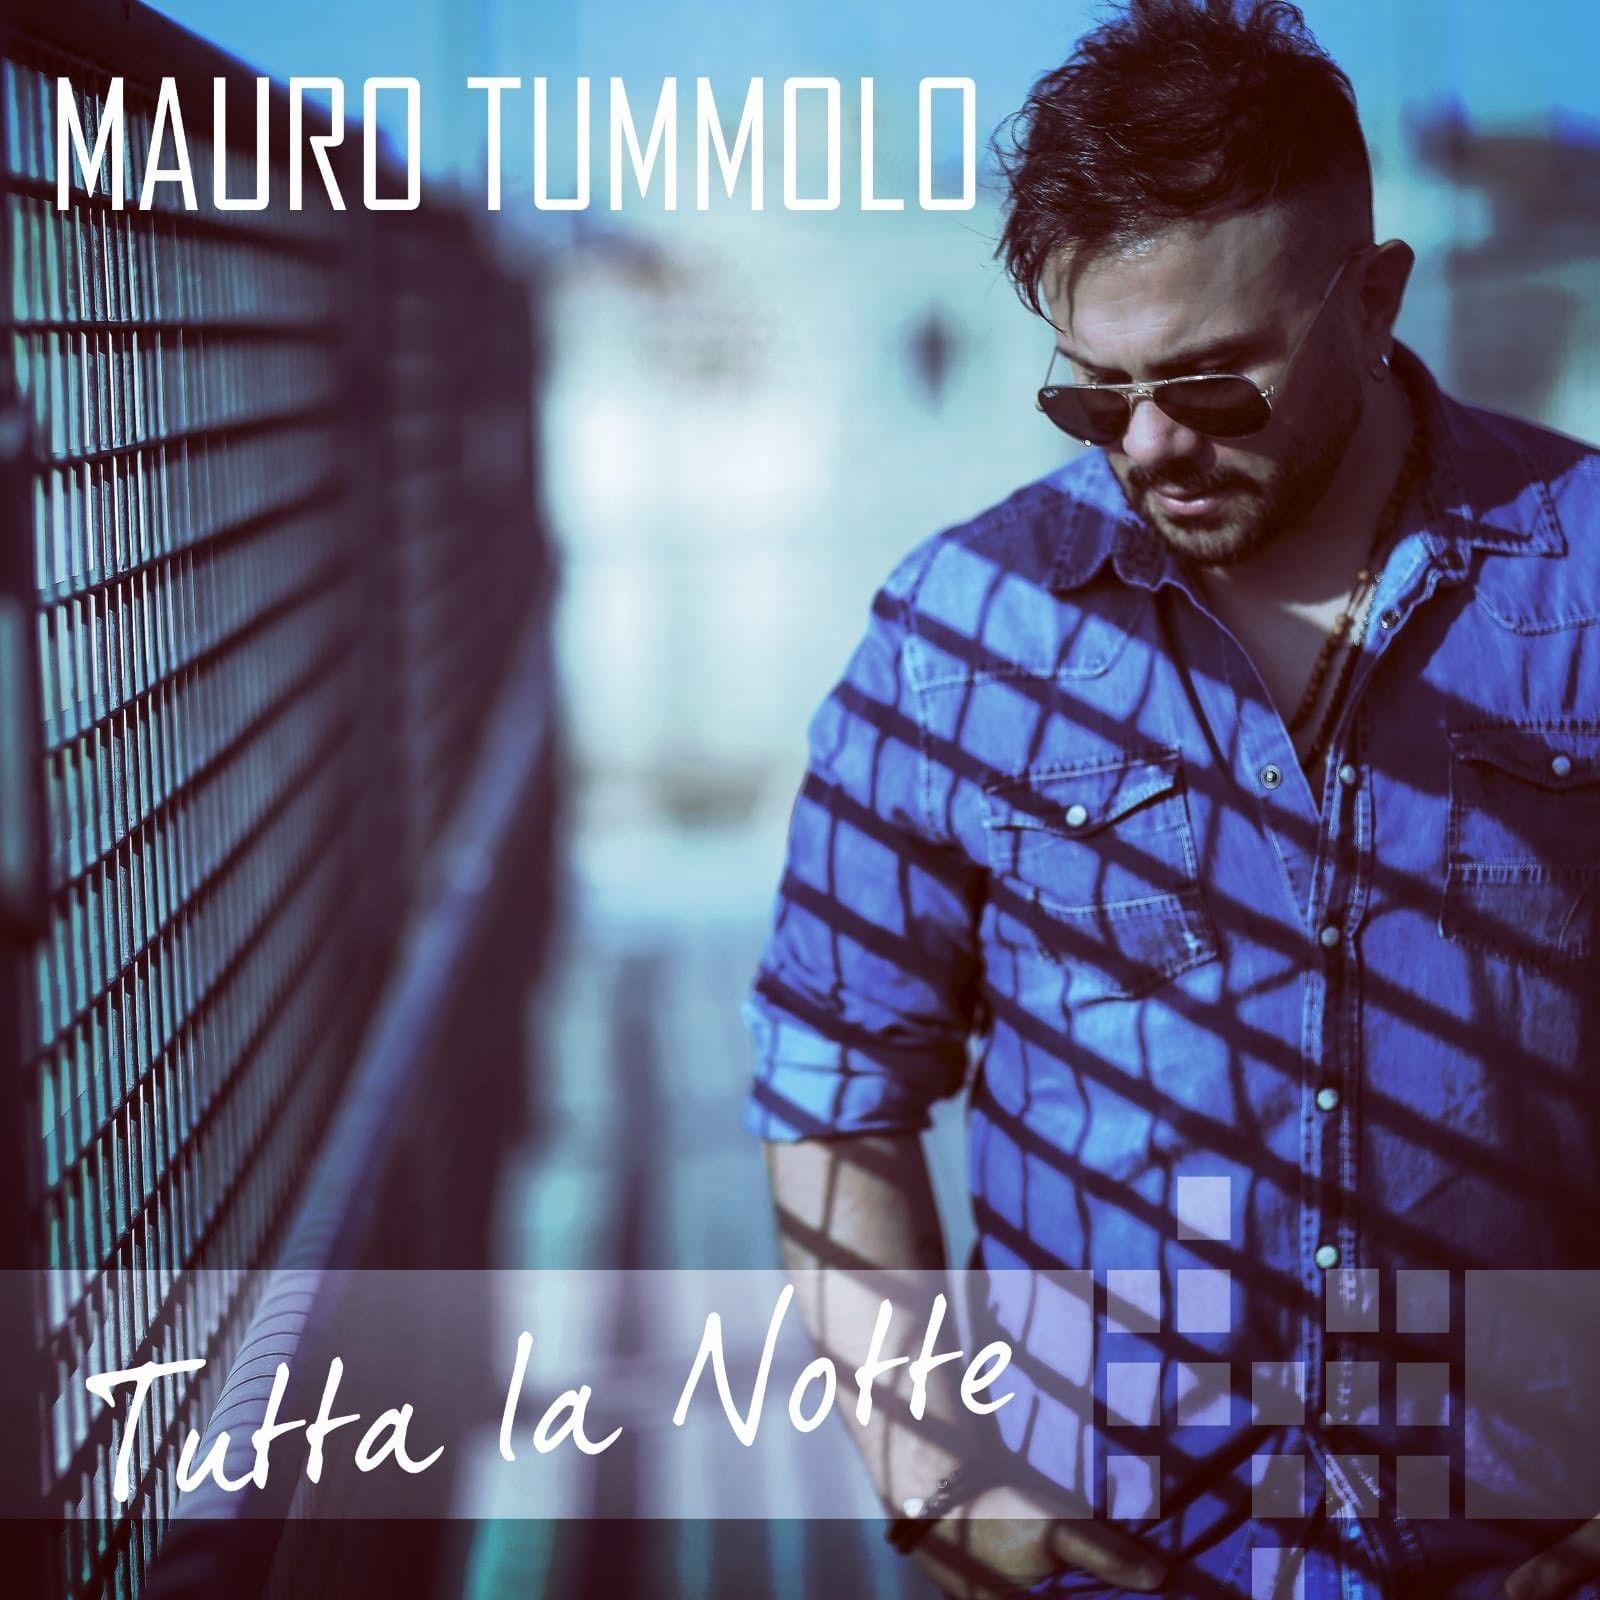 """Fuori ora il nuovo singolo di Mauro Tummolo """"Tutta la notte"""""""